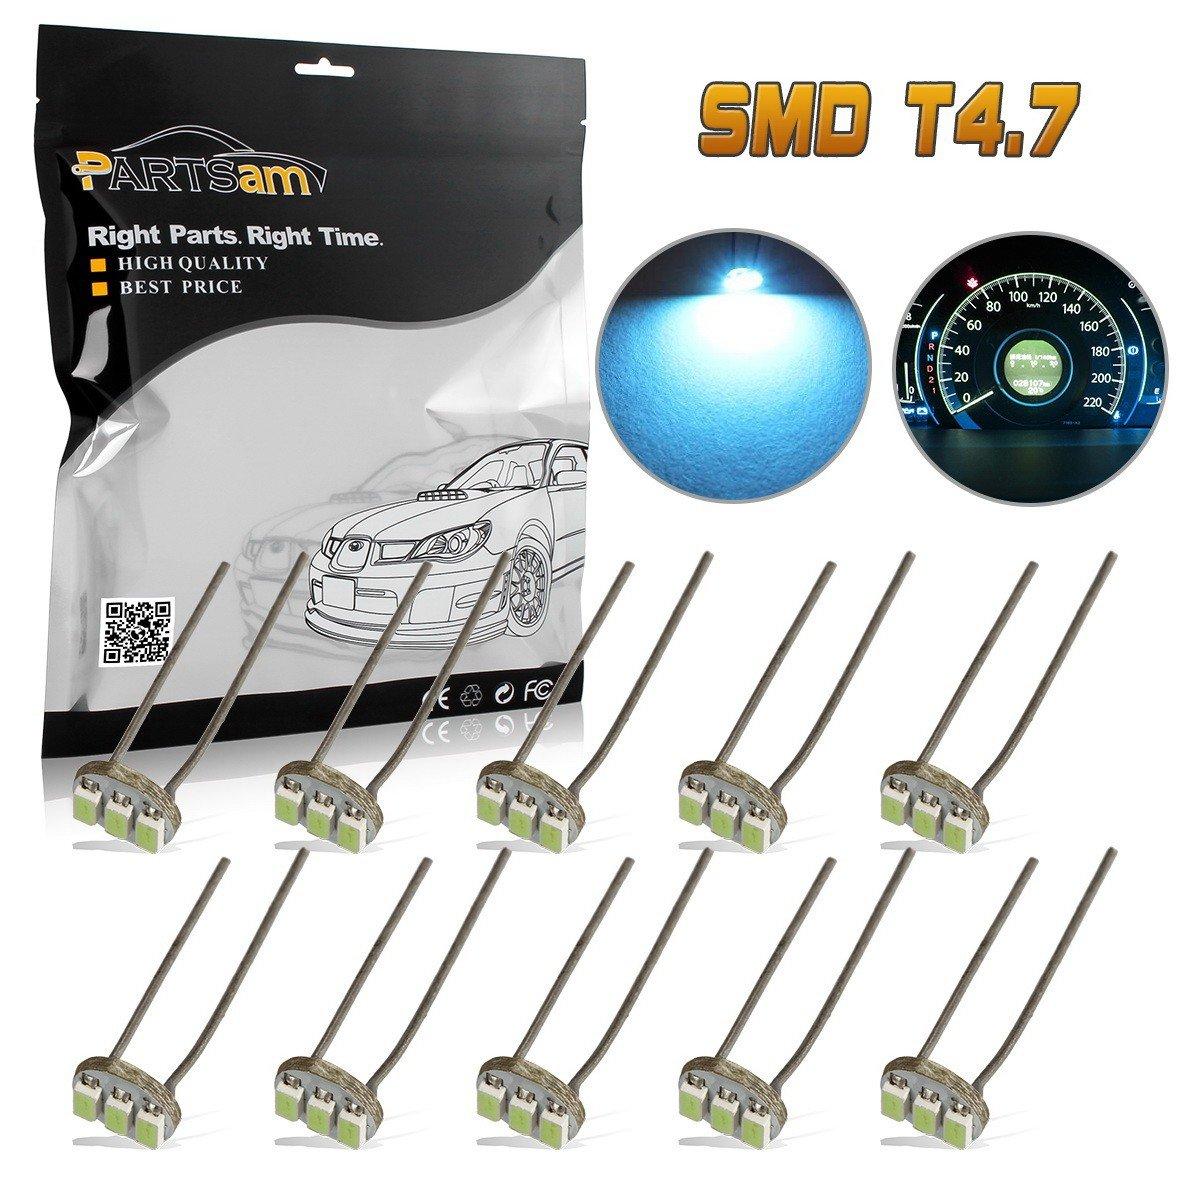 Partsam 20Pcs 4.7mm-12v Car White Mini Bulbs Lamps Indicator Cluster Speedometer Backlight Lighting For GM GMC